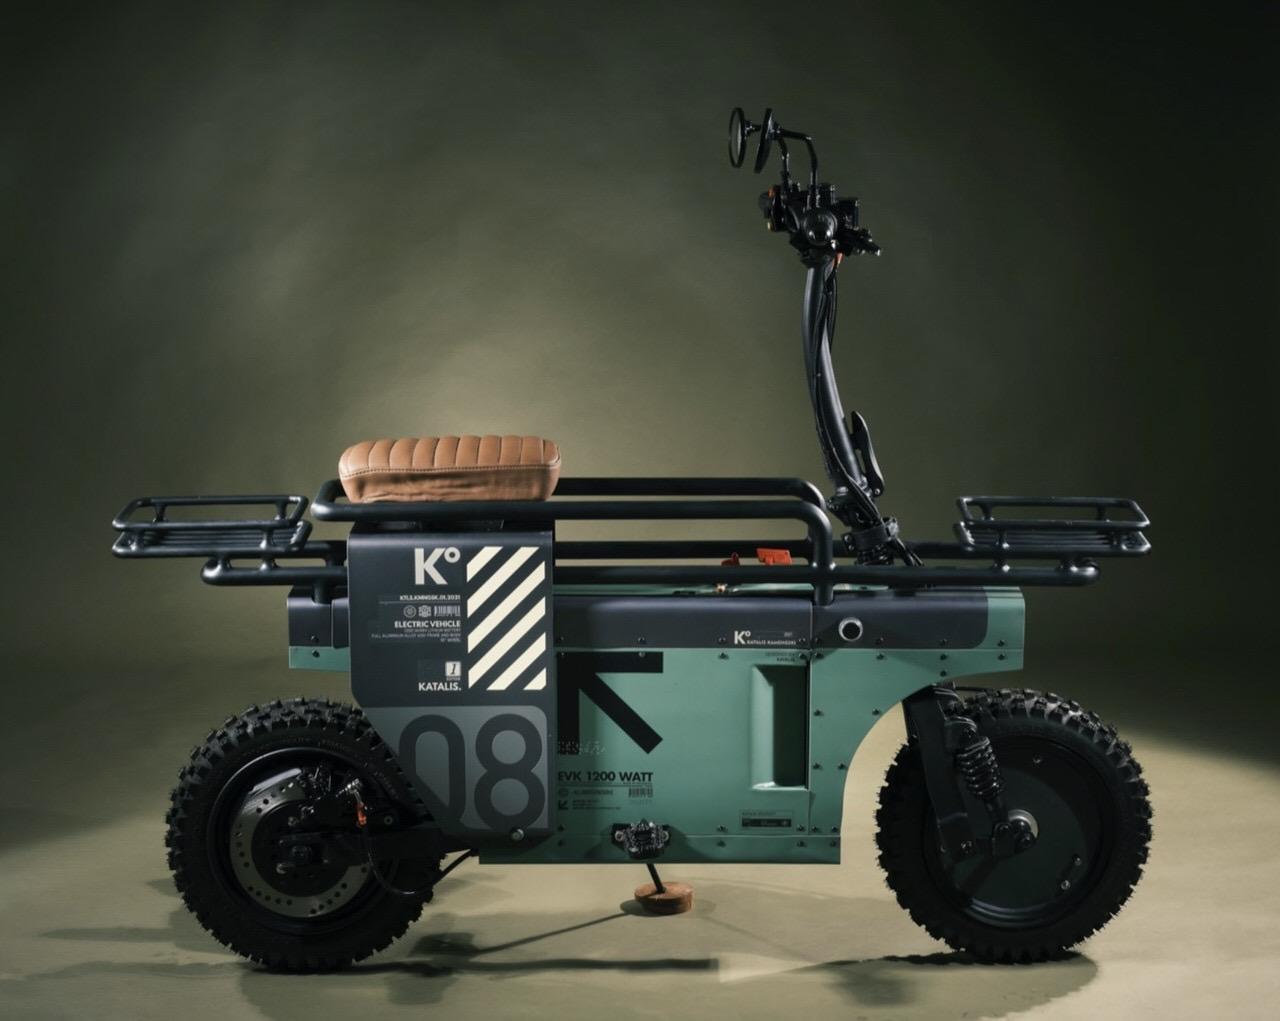 インドネシアのKatalisが発表した折りたたみ電動バイク「Spacebar」が完全にドラゴンボールぽいモトコンポで欲しい